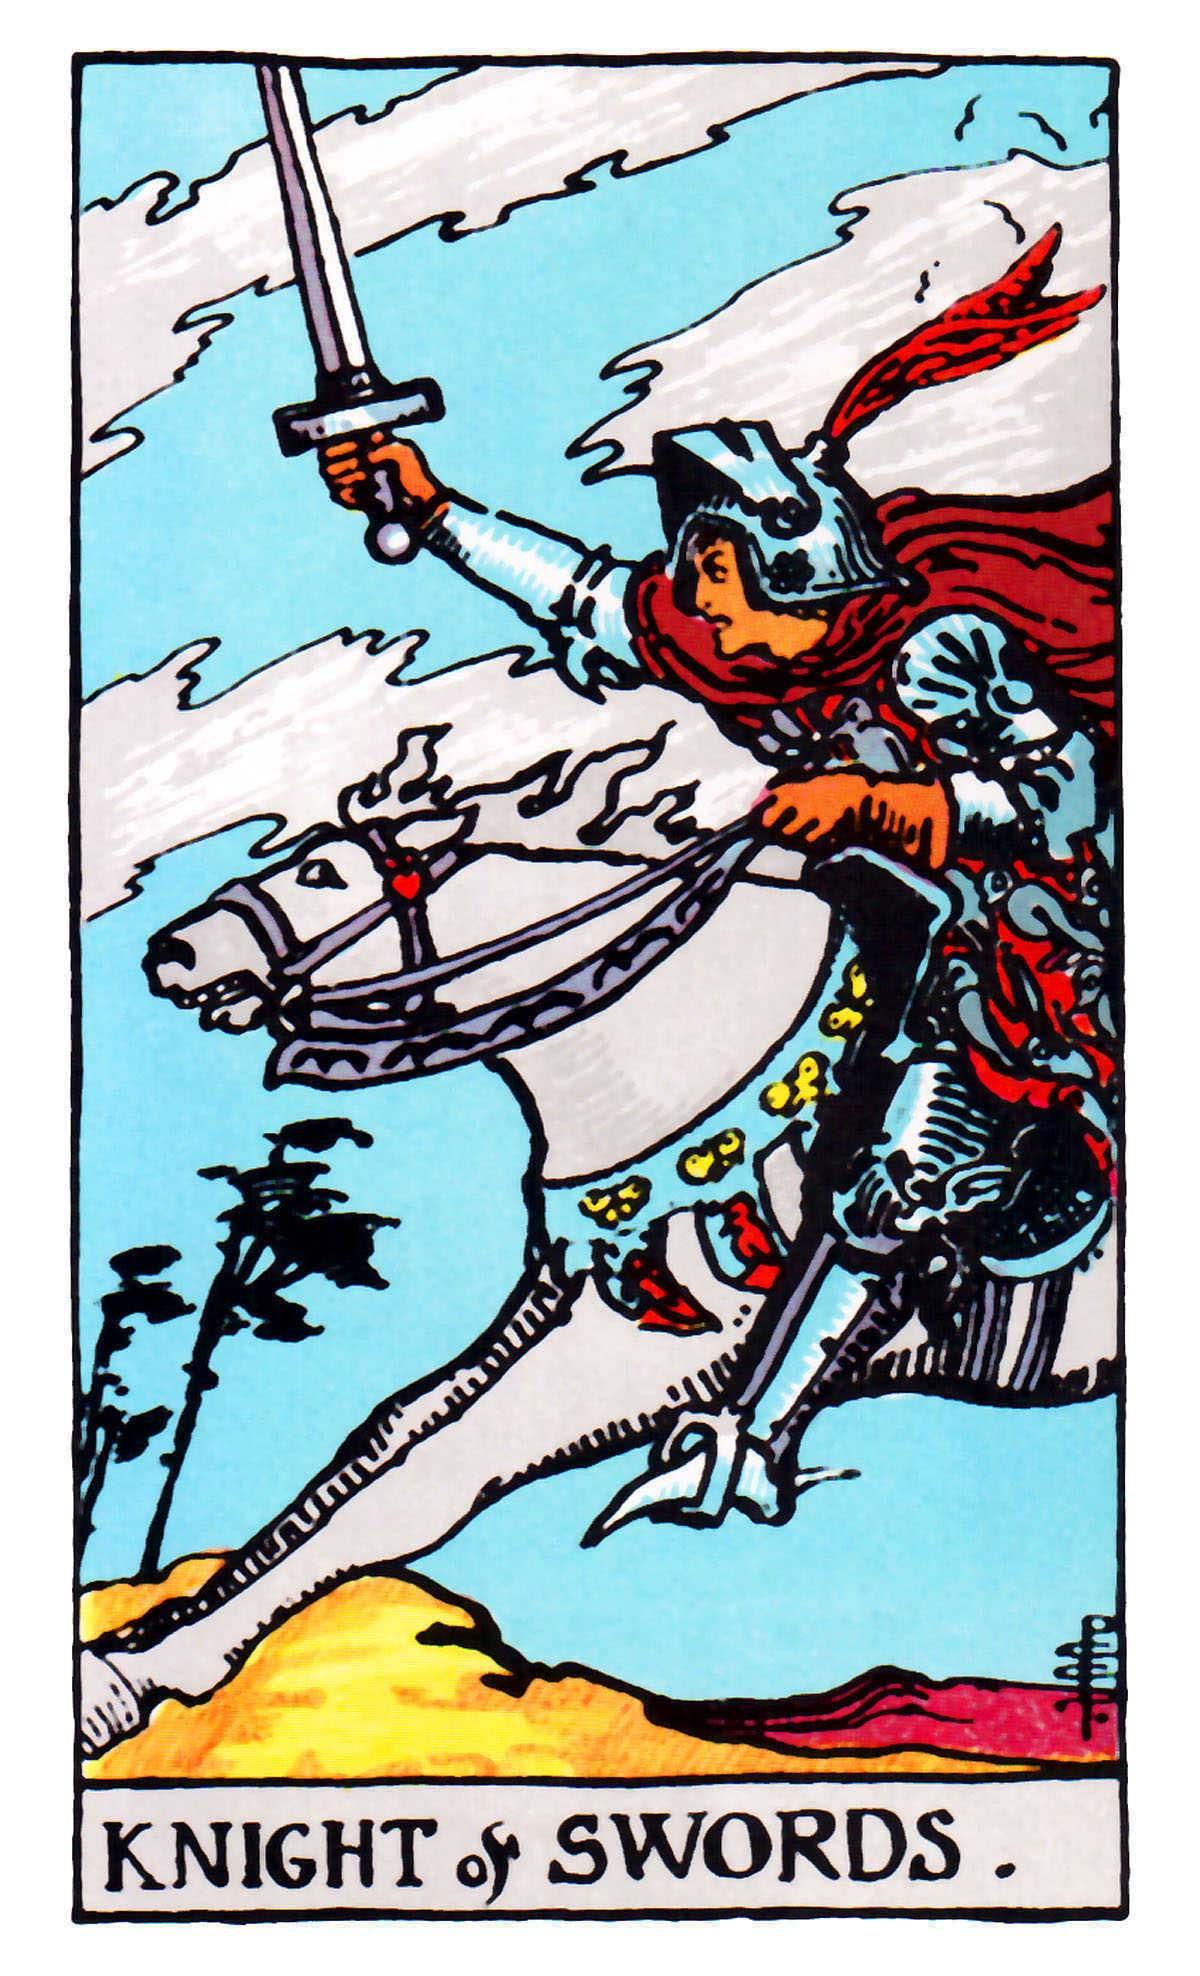 寶劍騎士 Knight of Swords 塔羅牌牌意